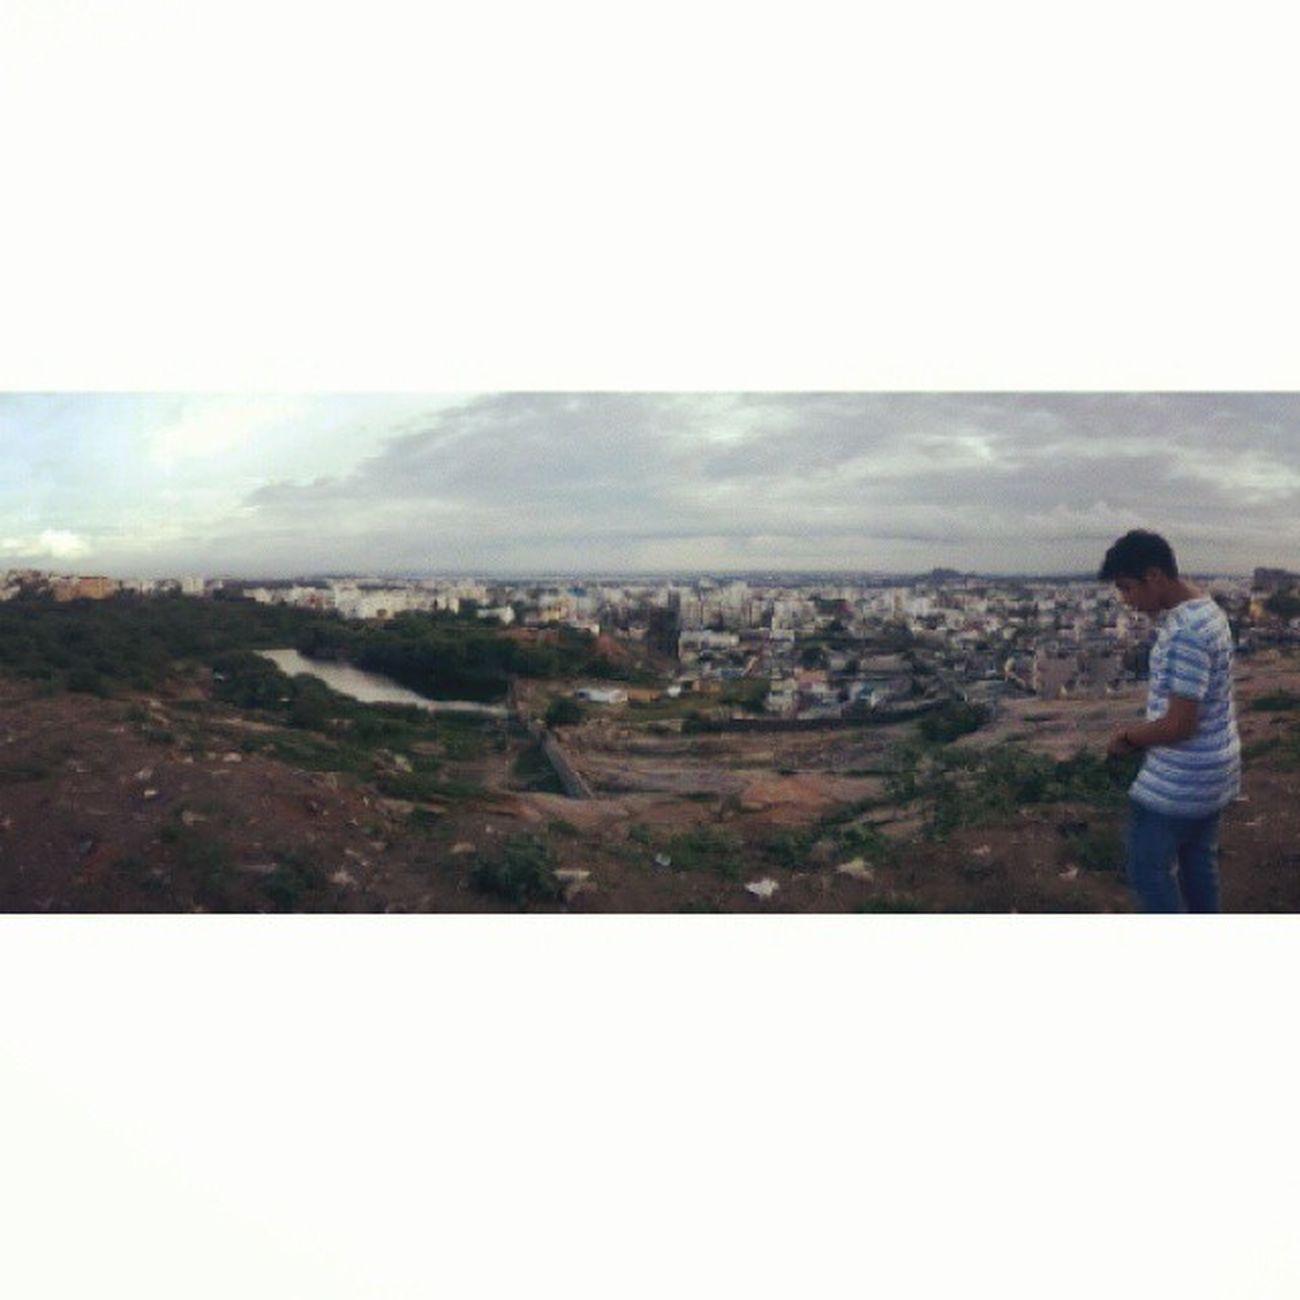 Panaroma! Jubliee hills Amazingplace Skyhasnolimit Hyderabad Cityscape